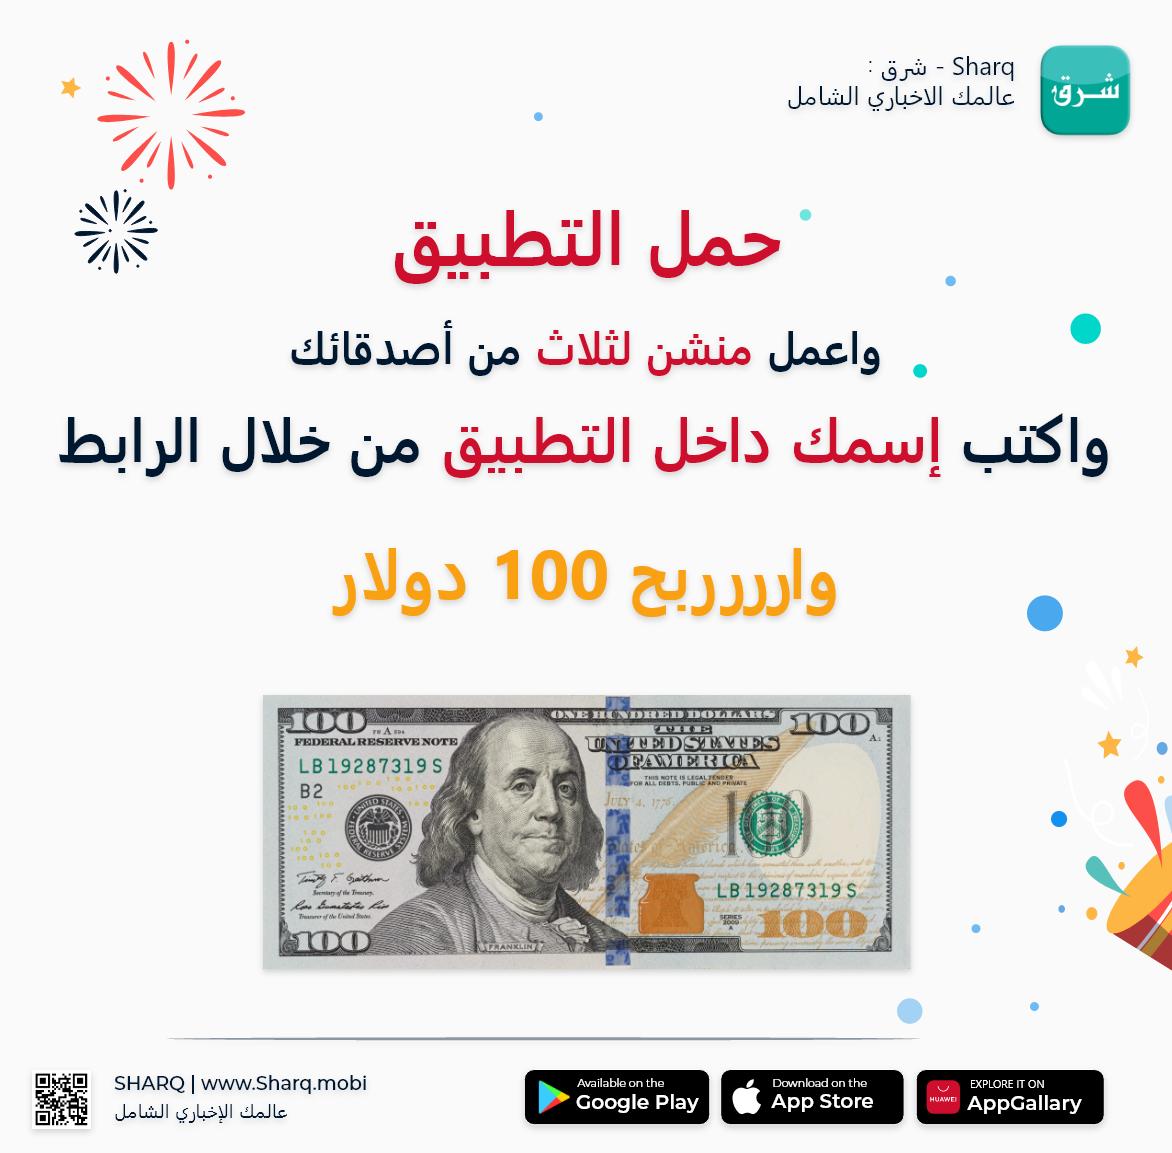 باقي يومان لربح جائزة 100 دولار من خلال المشاركة في المسابقة الأسبوعية الرابعة لتطبيق شرق